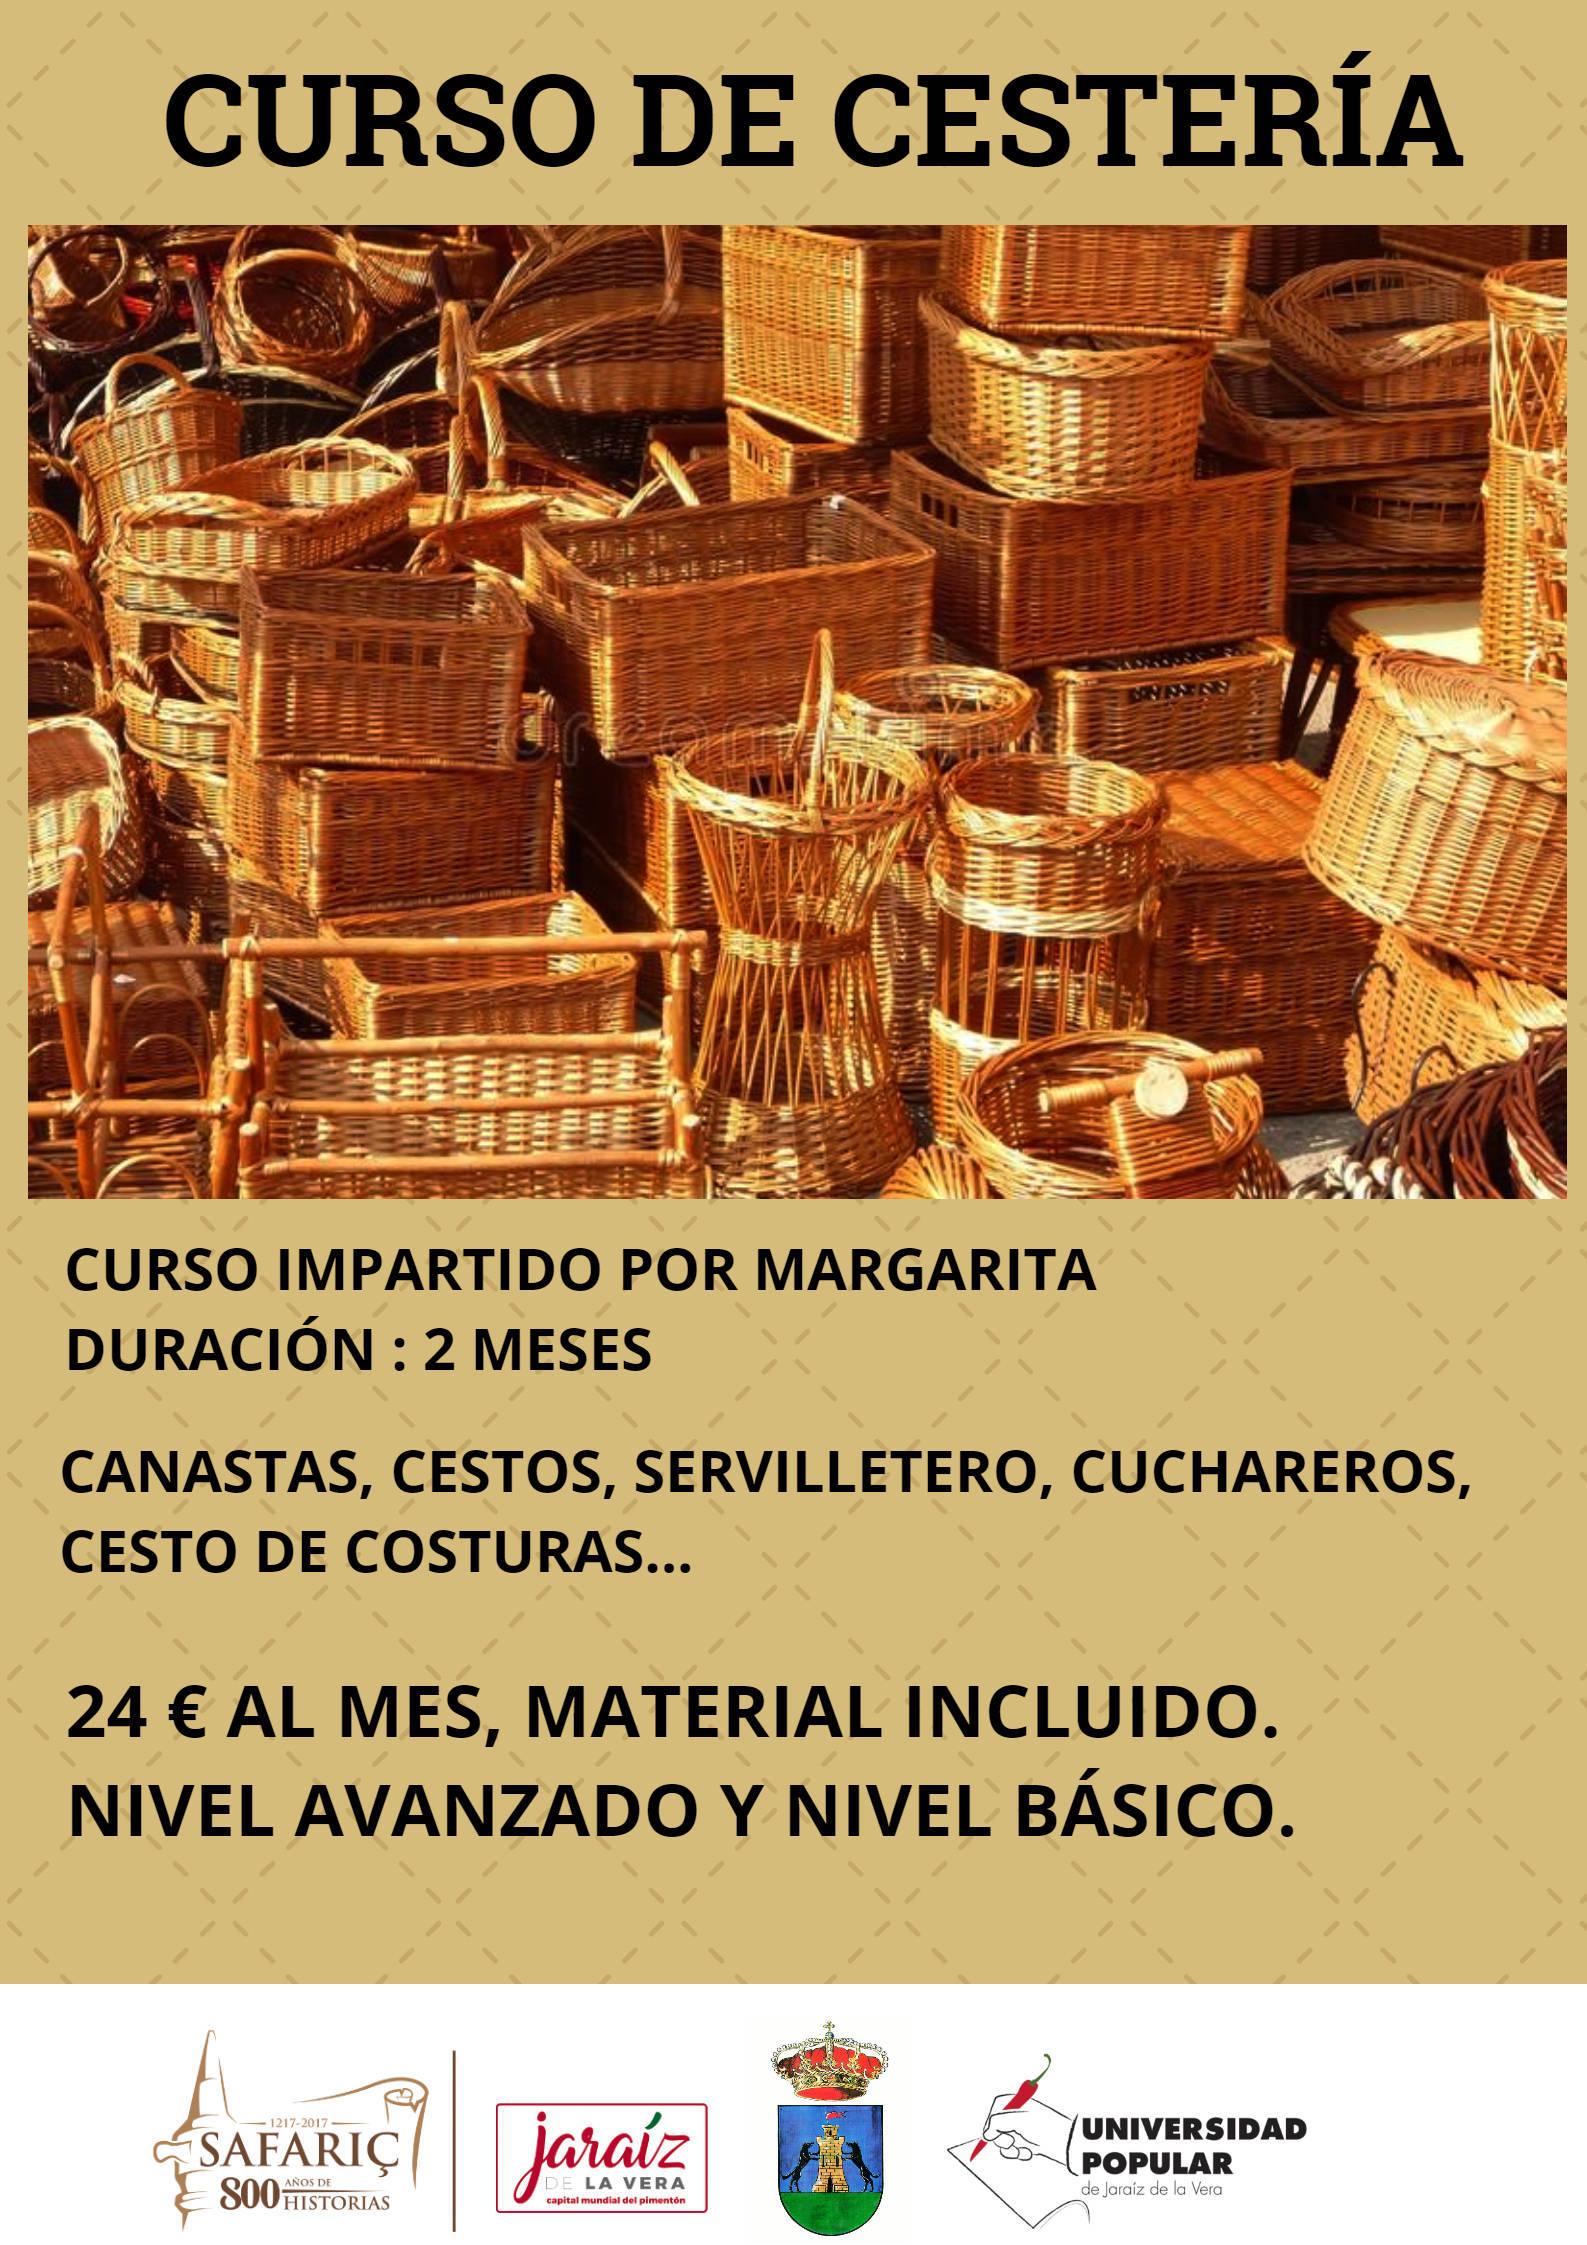 Curso de cestería 2020 - Jaraíz de la Vera (Cáceres)